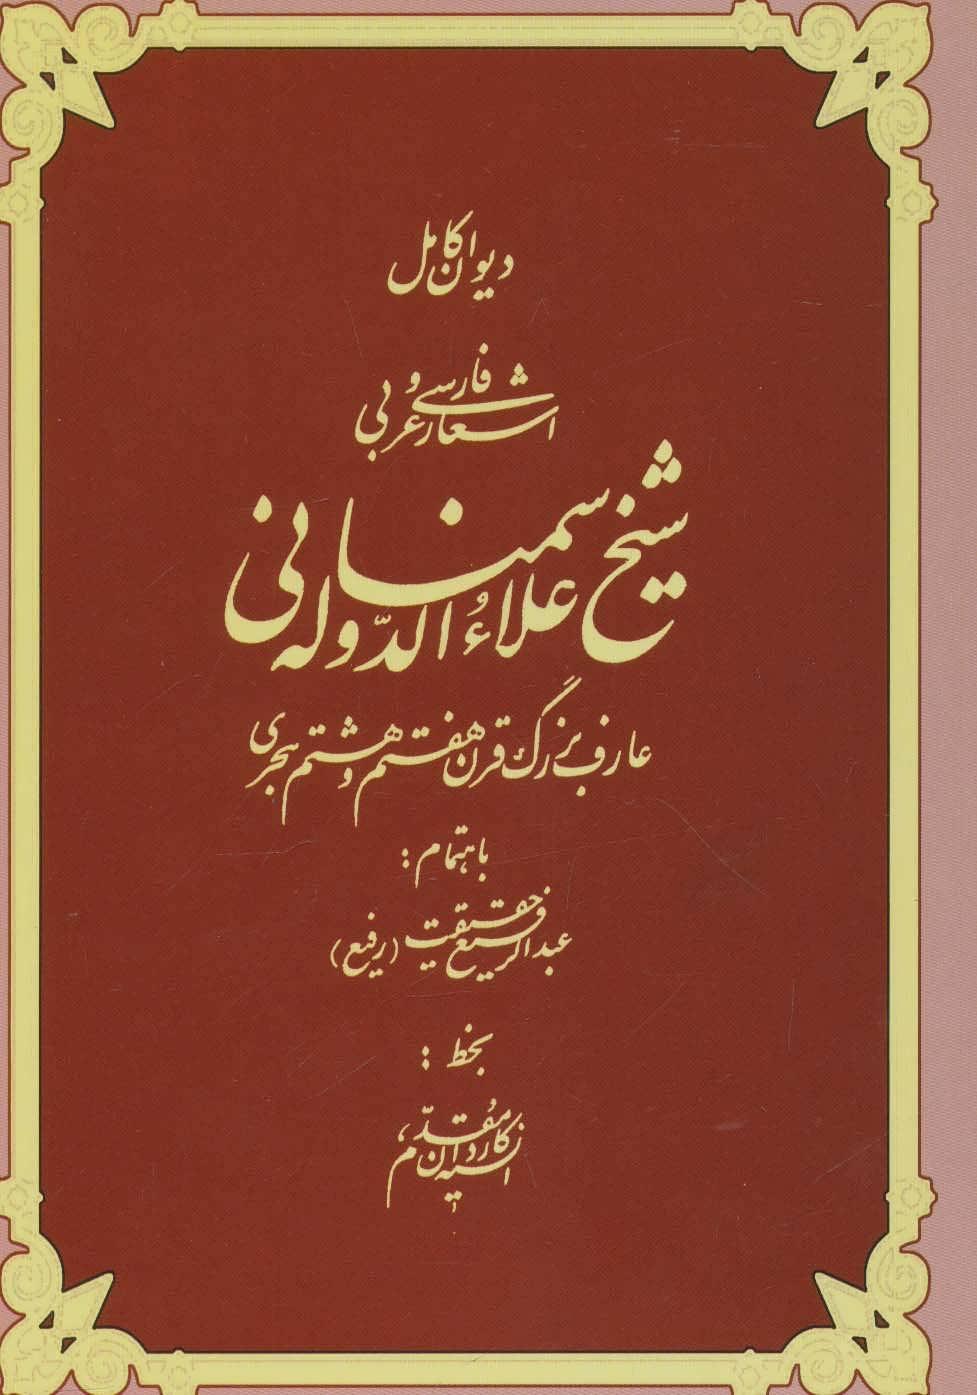 ديوان كامل اشعار فارسي و عربي شيخ علاءالدوله سمناني (2زبانه)